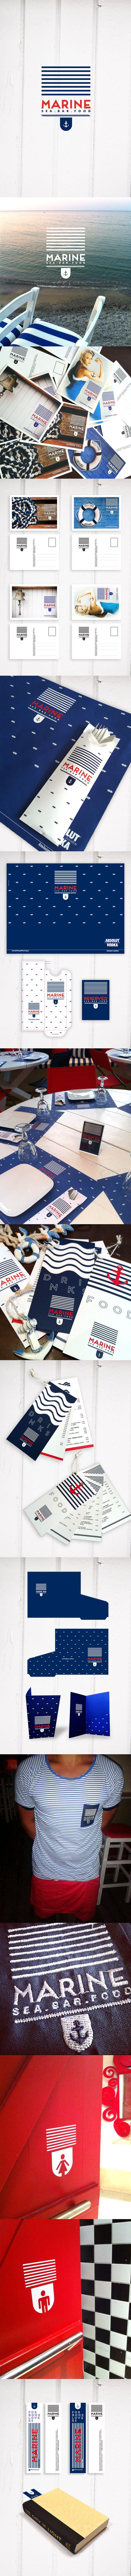 Marine - Cursor Design